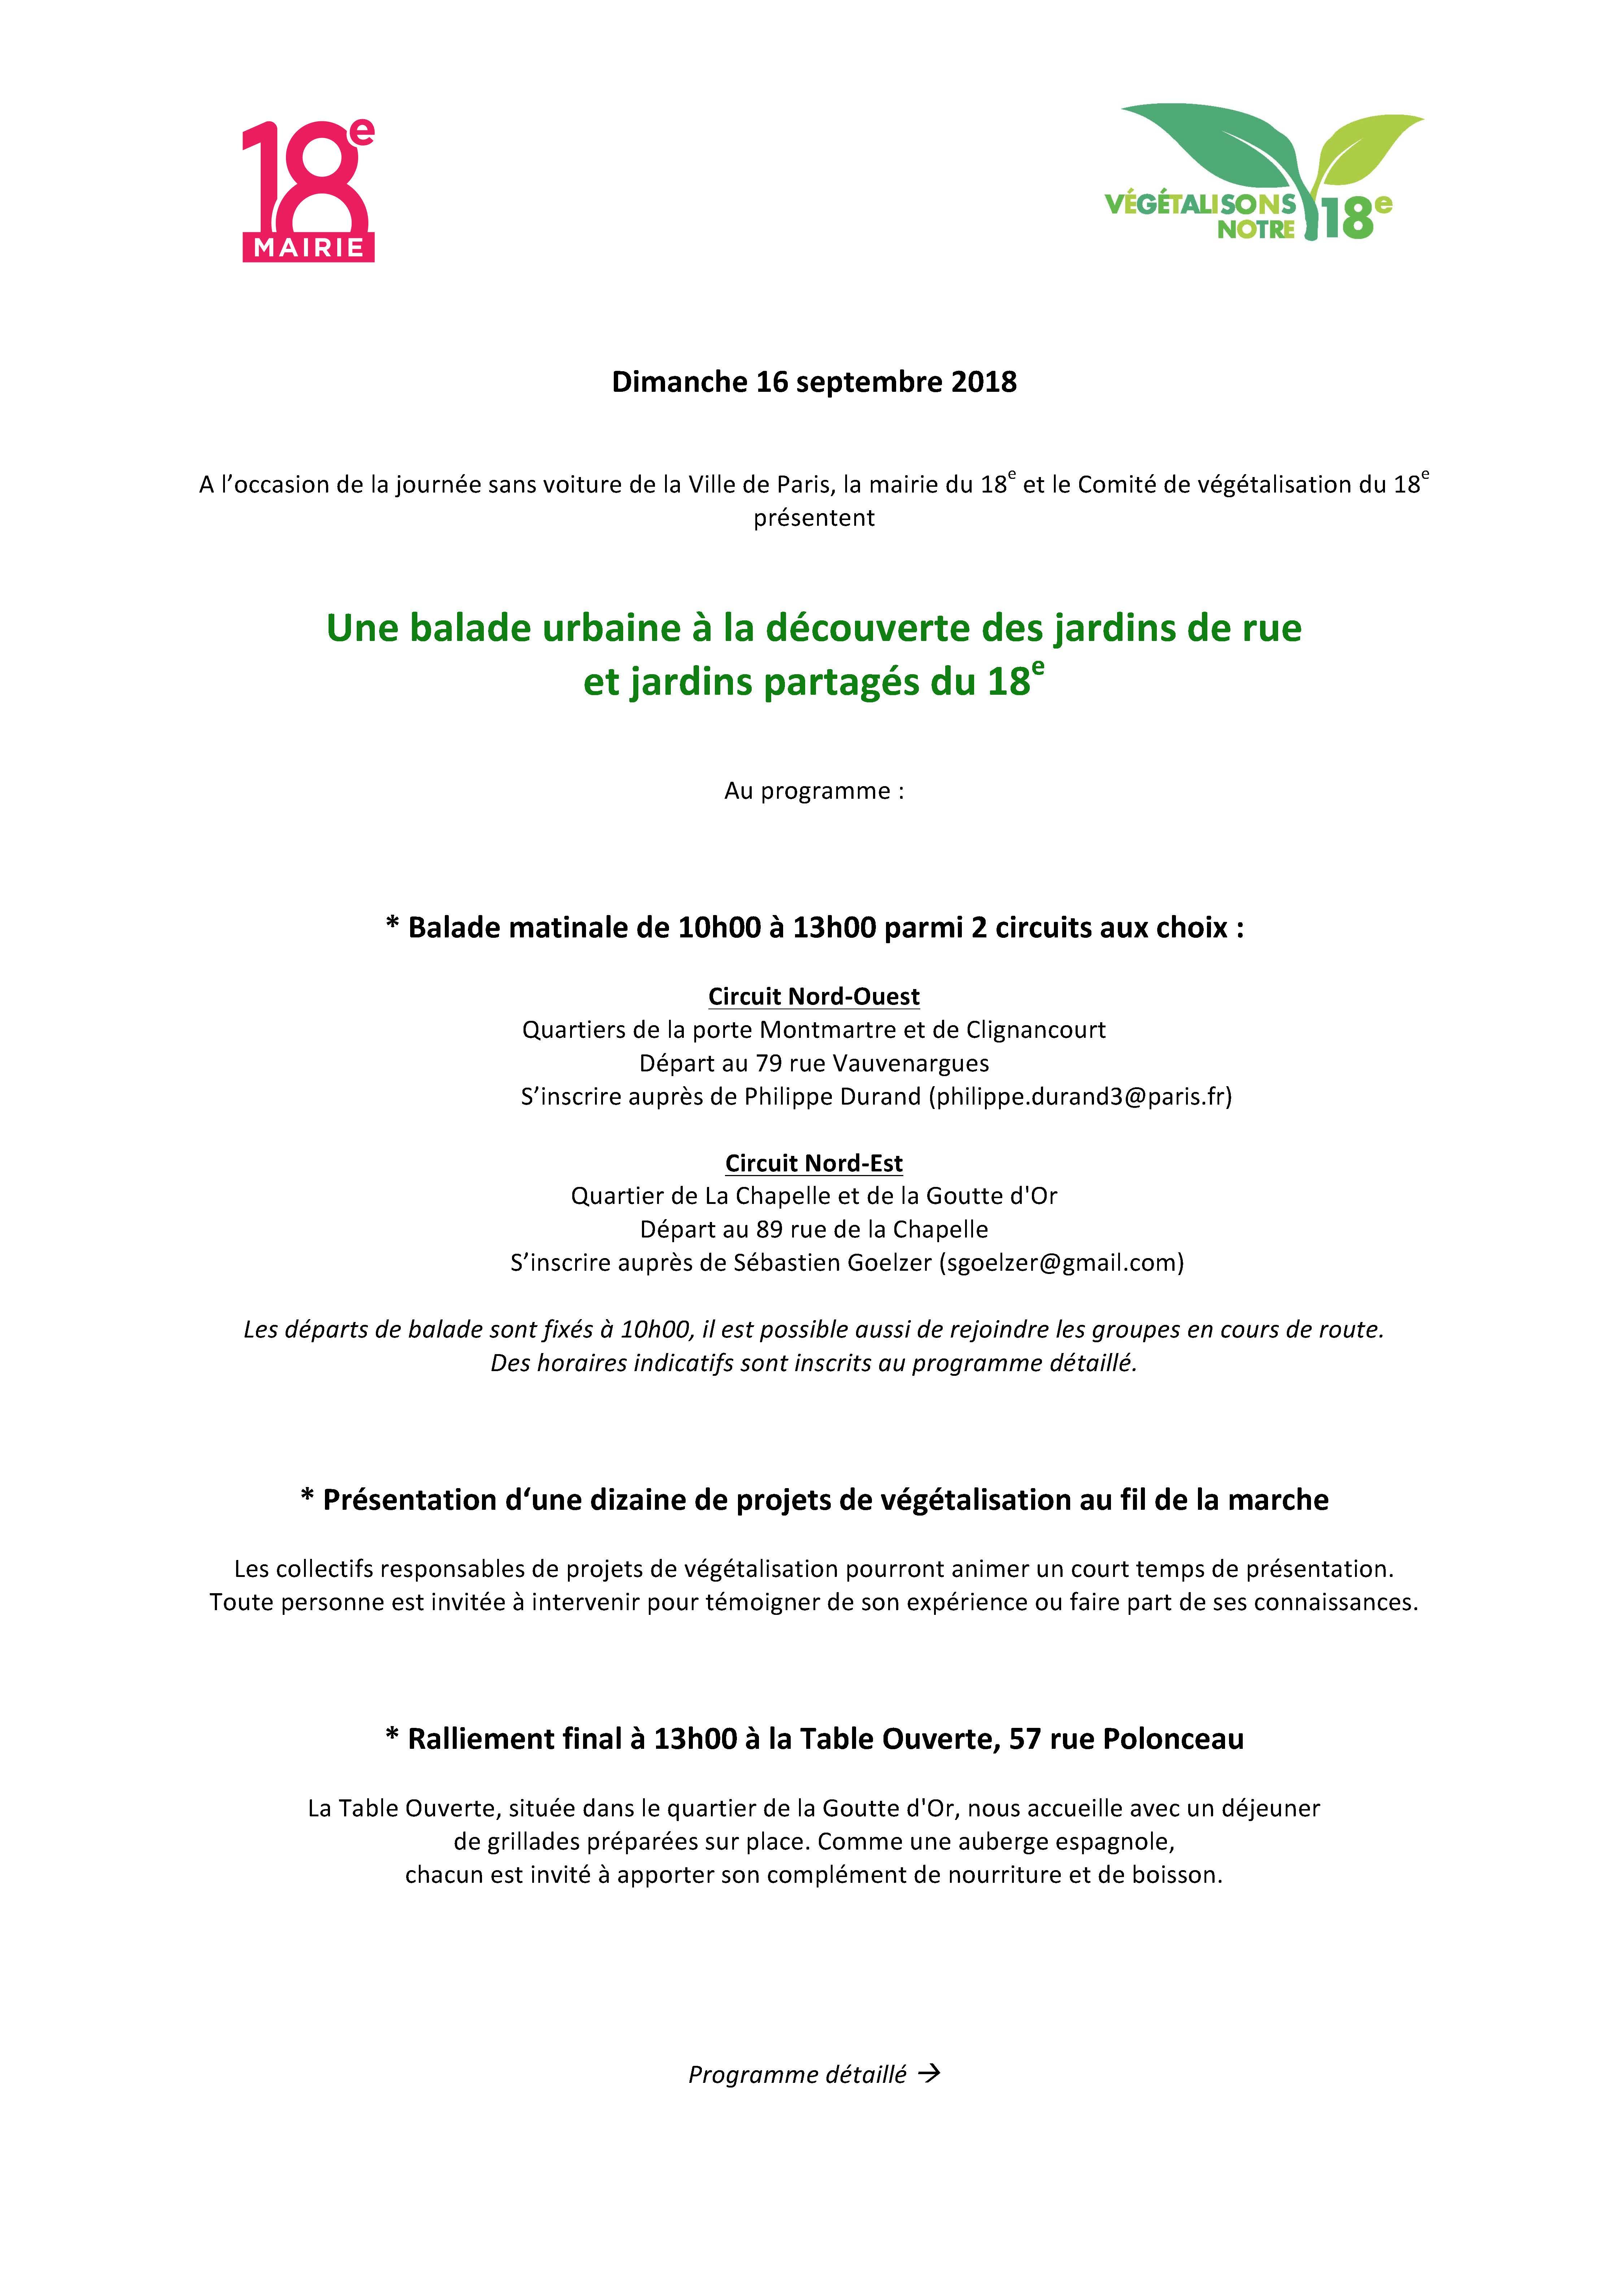 BALADE DECOUVERTE JARDINS DE RUE DU 18E - 16 SEPT 2018_Page_1